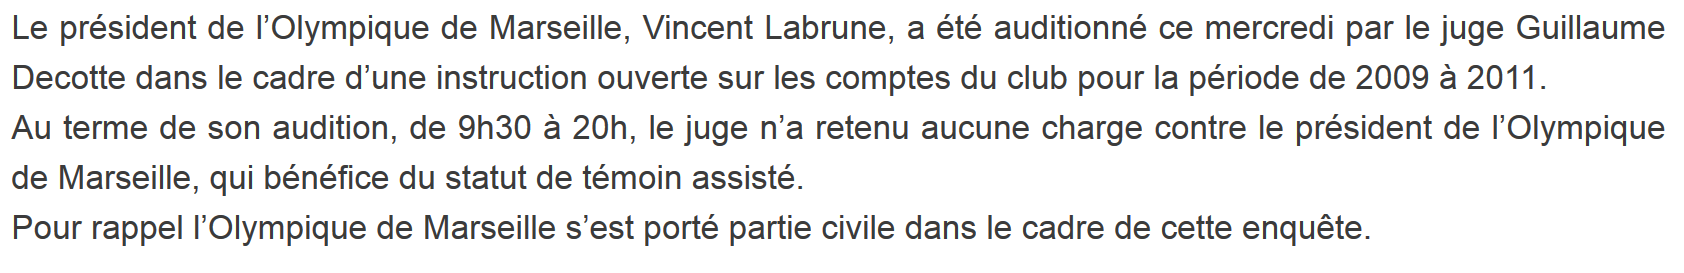 [Vincent Labrune] Un meilleur président que Dassier ? - Page 18 CWXy4wtXIAE4MRB